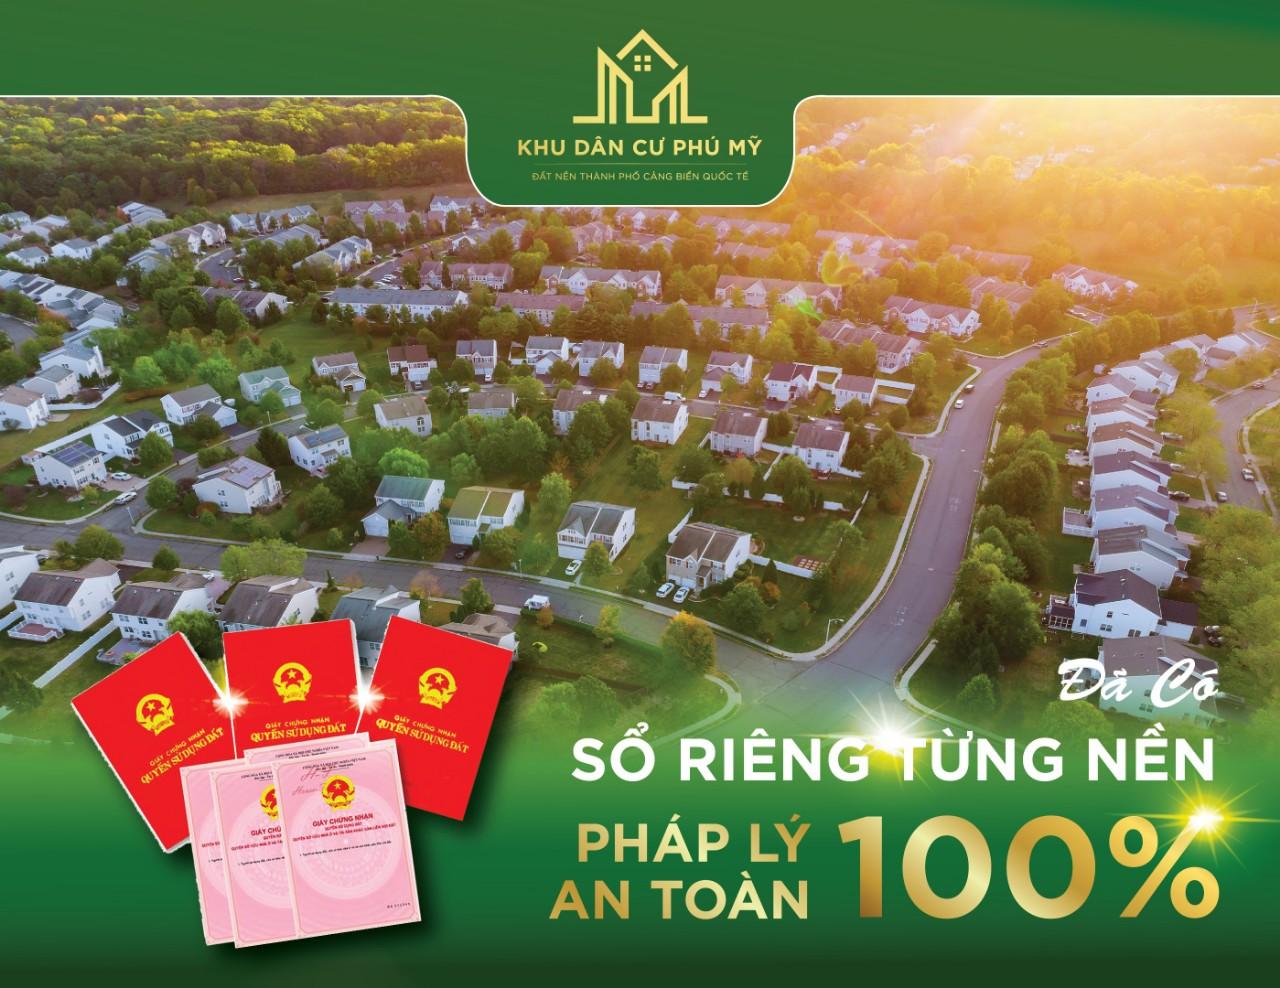 Khu dân cư Sông Xoài Phú mỹ mặt tiền đường 60m giá chỉ 5tr/m2